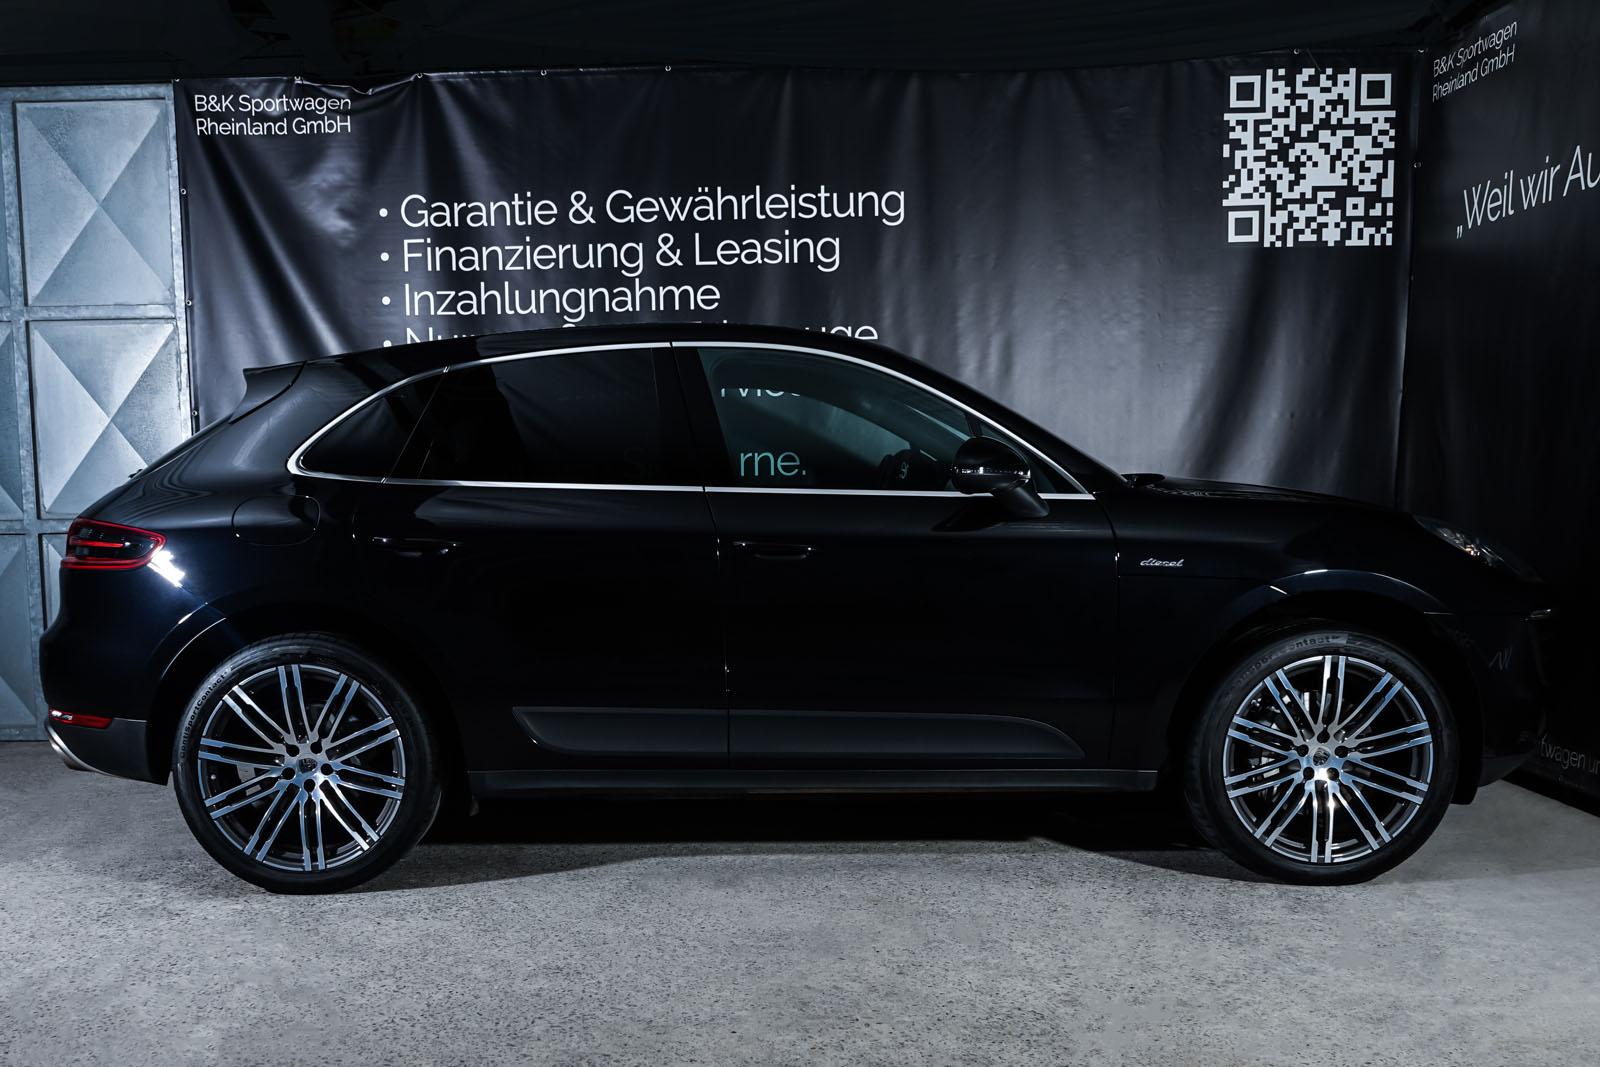 Porsche_Macan_S_Tiefschwarz_Schwarz_POR-1108_18_w